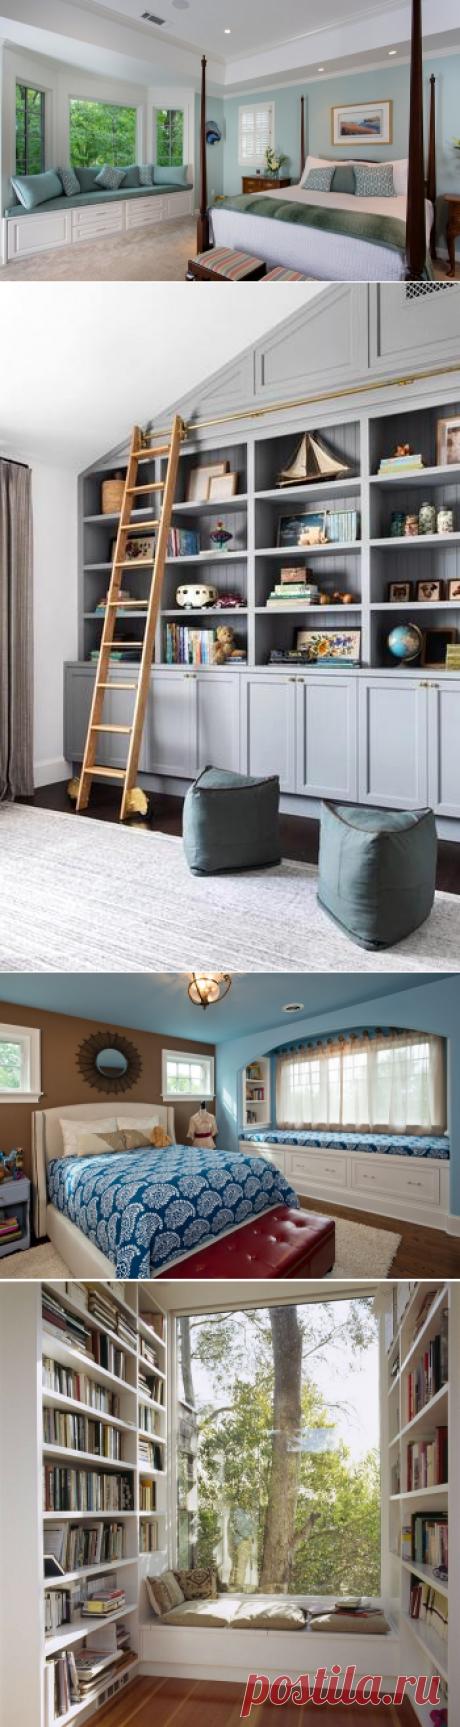 20 примеров комфортных мест у окна, которые сэкономят место в интерьере